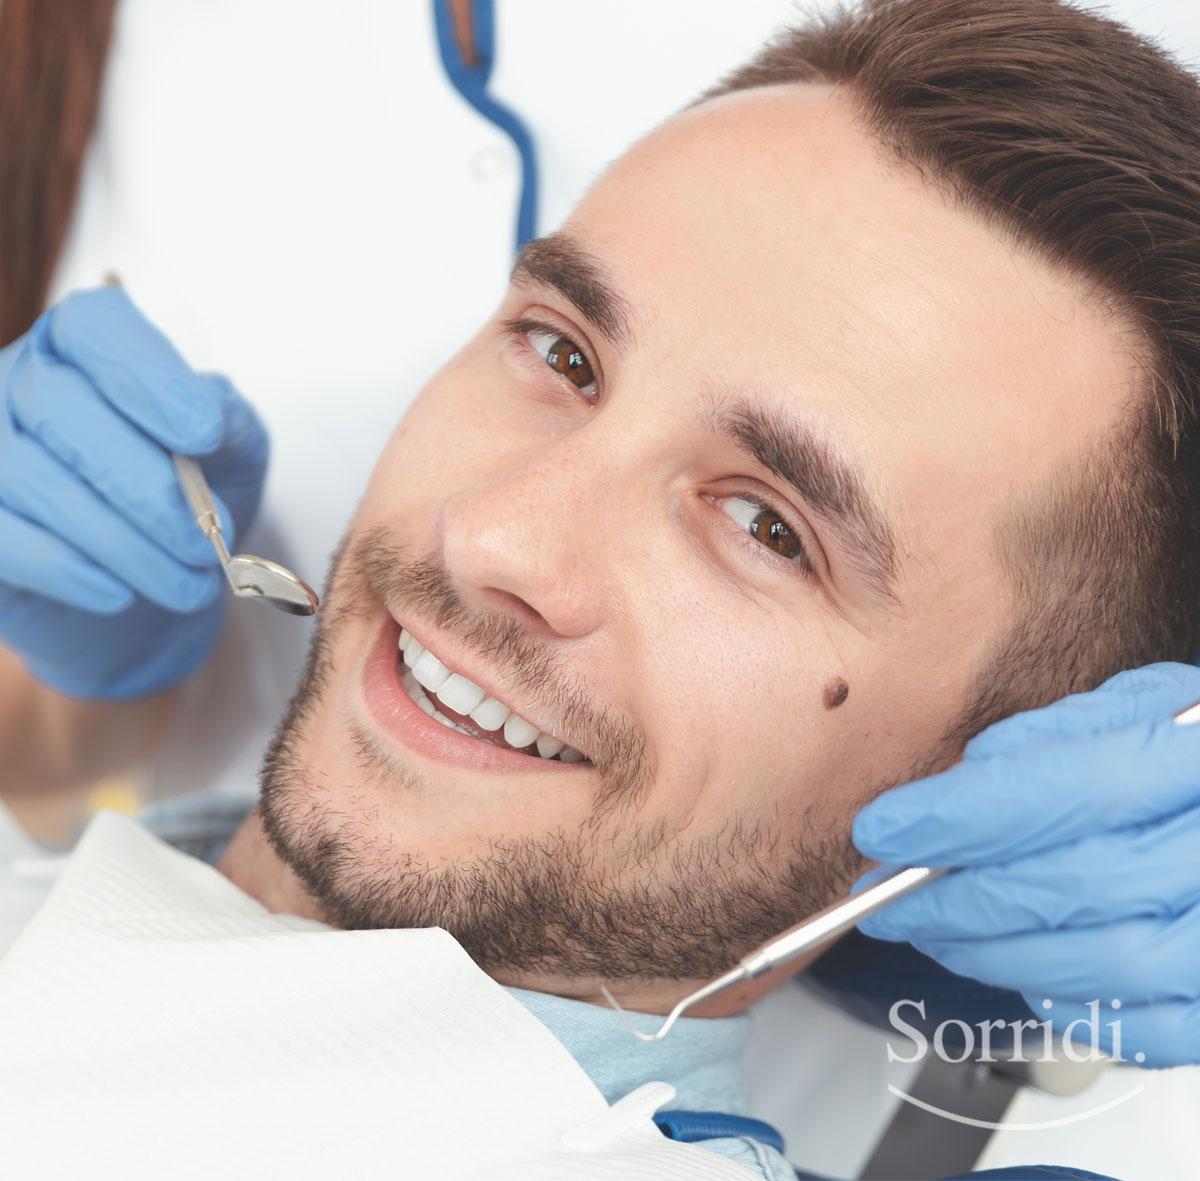 https://sorridi.blog/wp-content/uploads/2020/09/Sorridi-ch-magazine-prevenire-e-curare-la-pulpite-dentale.jpg